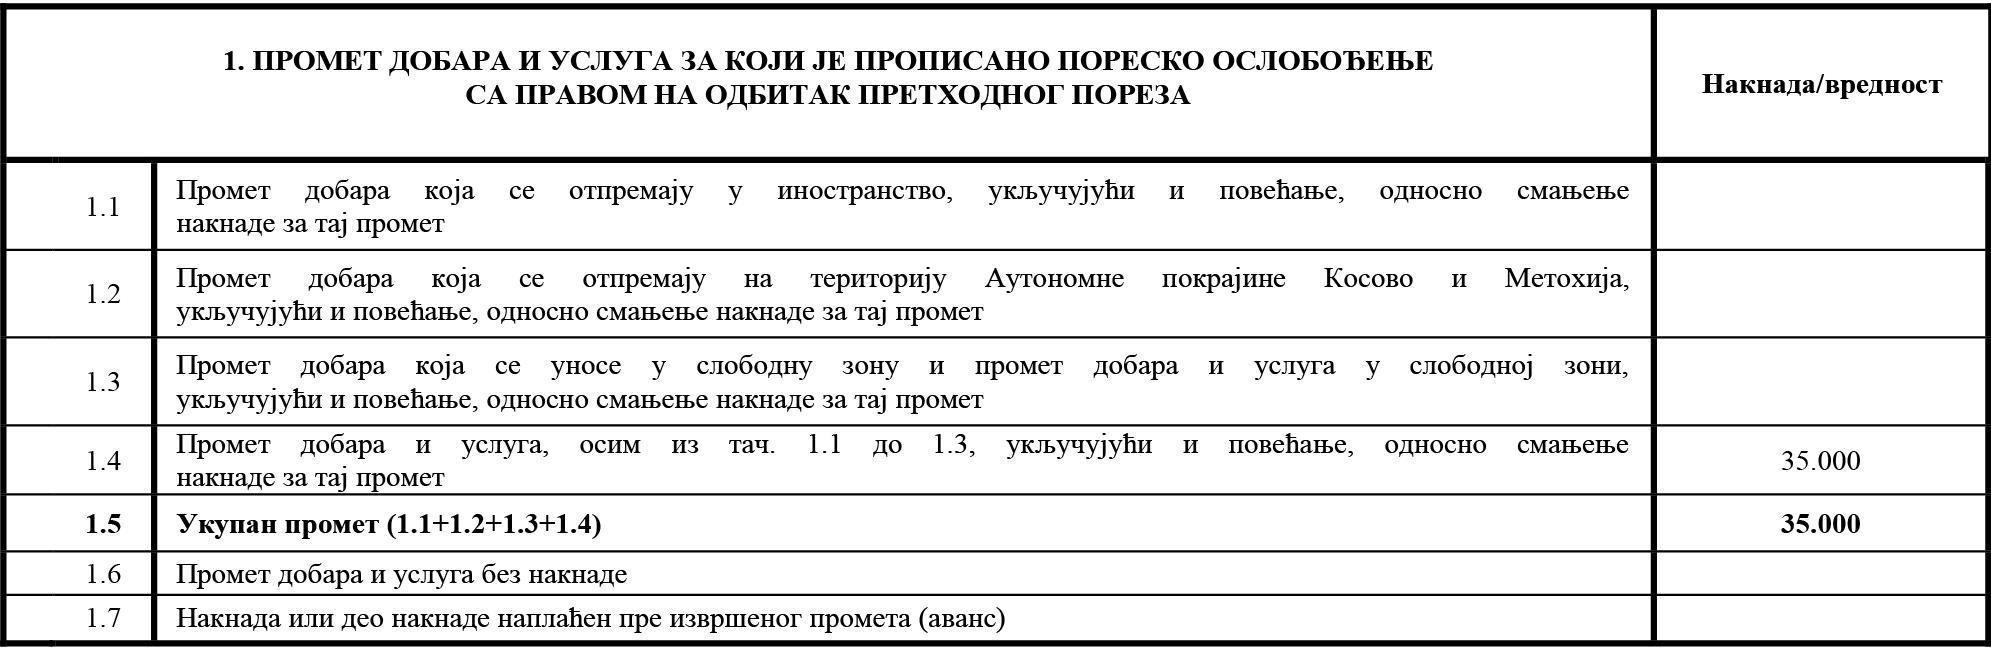 uputstvo PU obrazac POPDV primer 21